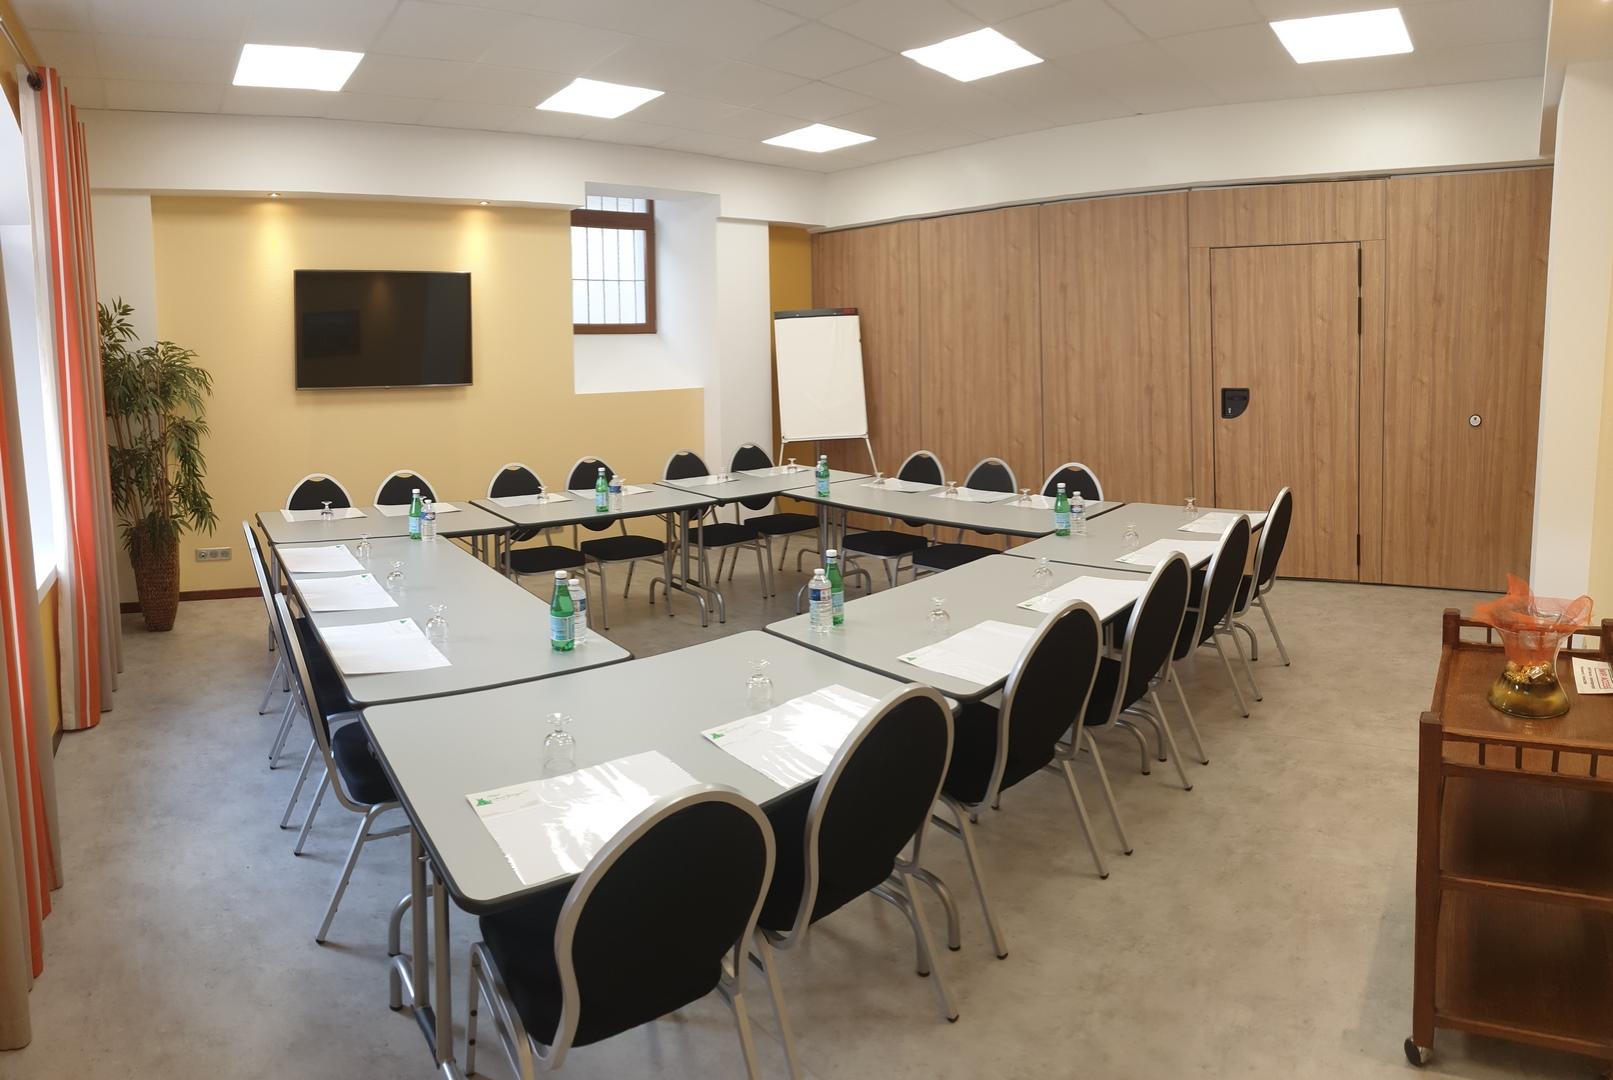 réception séminaire location de salle Hotel Saint-Georges Saint Jean de Maurienne Savoie